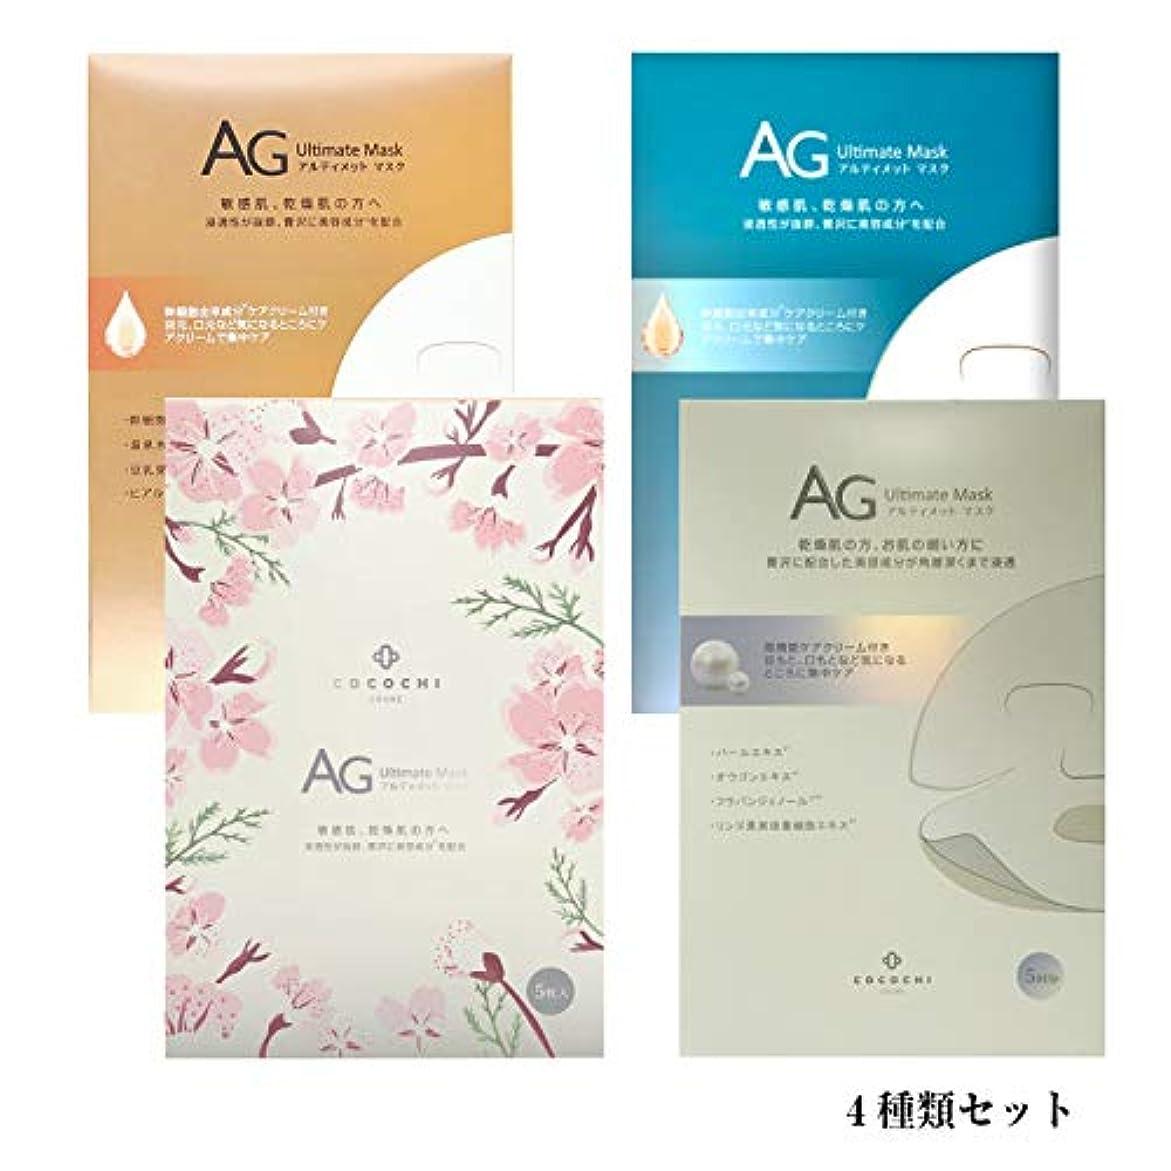 廃棄するデマンド虫を数えるAGアルティメットマスク 4種類セット AG アルティメットマスク/オーシャンマスク/さくら/アコヤ真珠マスク